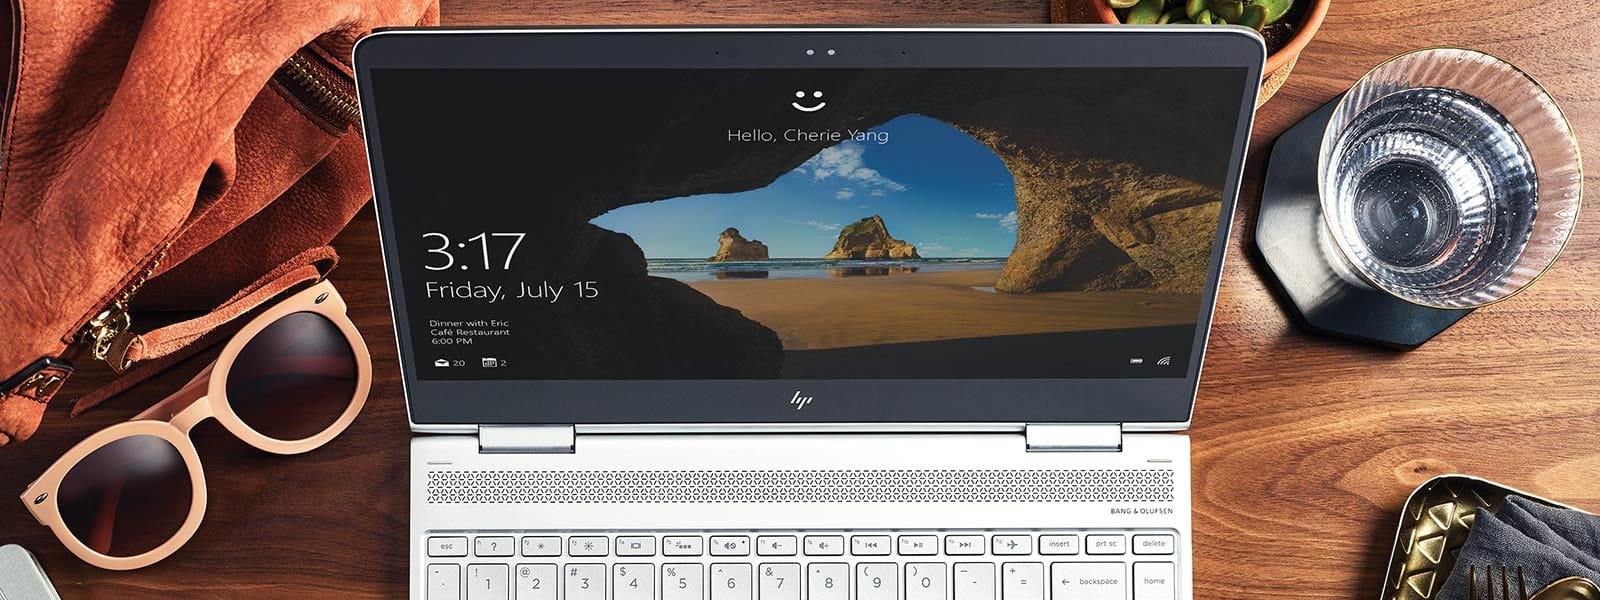 Écran d'accueil Windows10 sur un appareil récent.